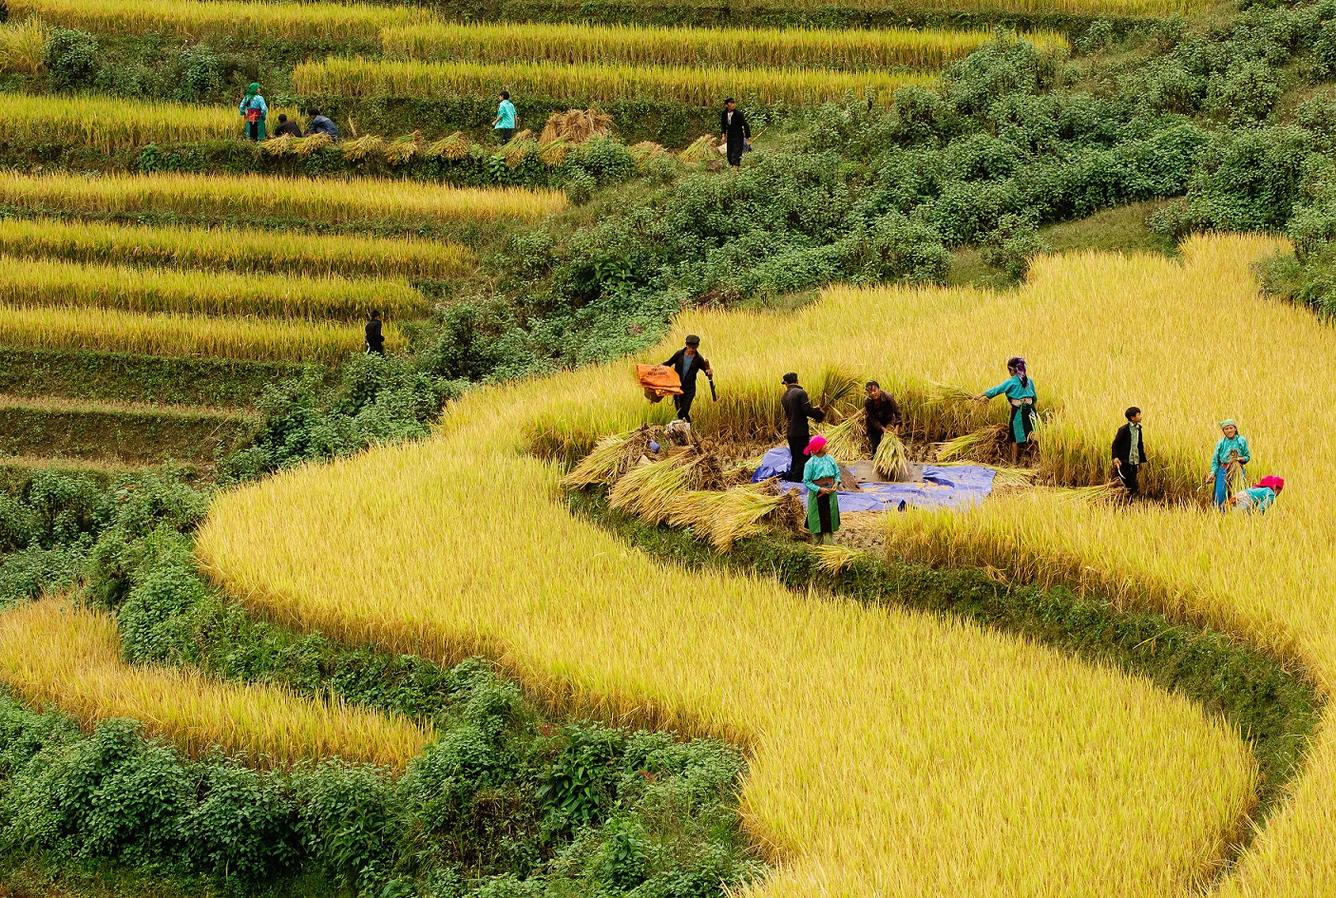 người dân thu hoạch lúa ở ruộng bậc thang